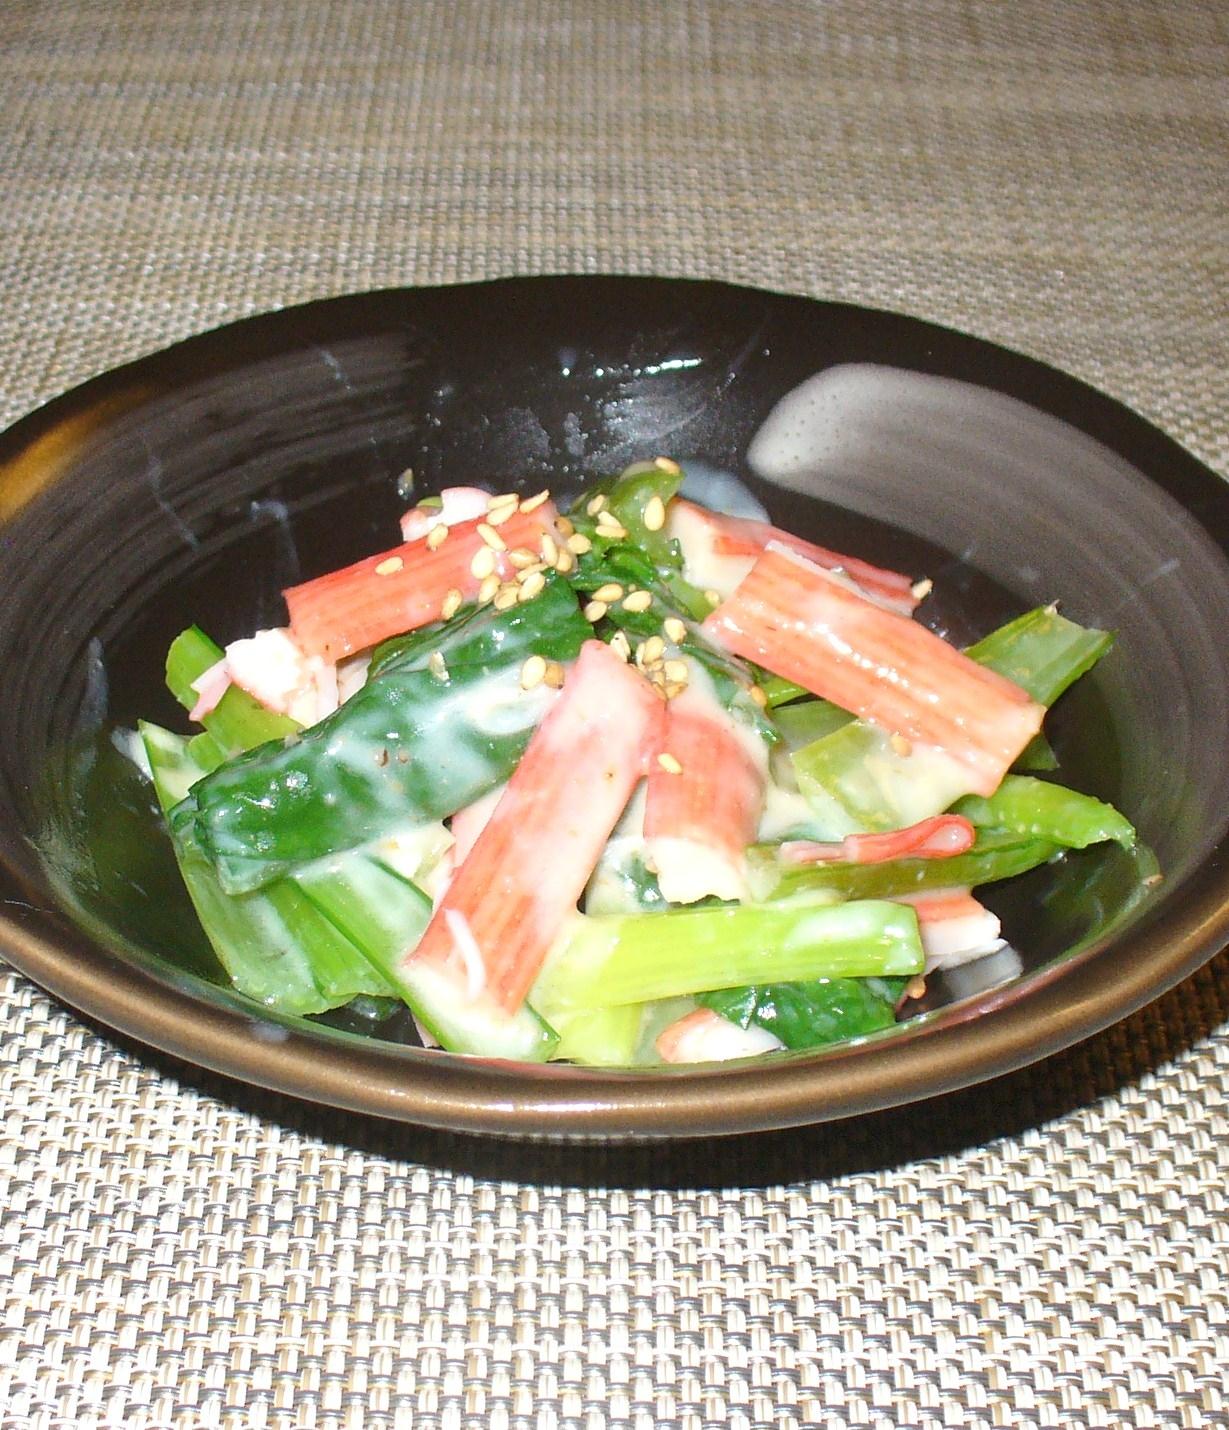 小松菜とカニかまぼこの胡麻ヨーグルトサラダ